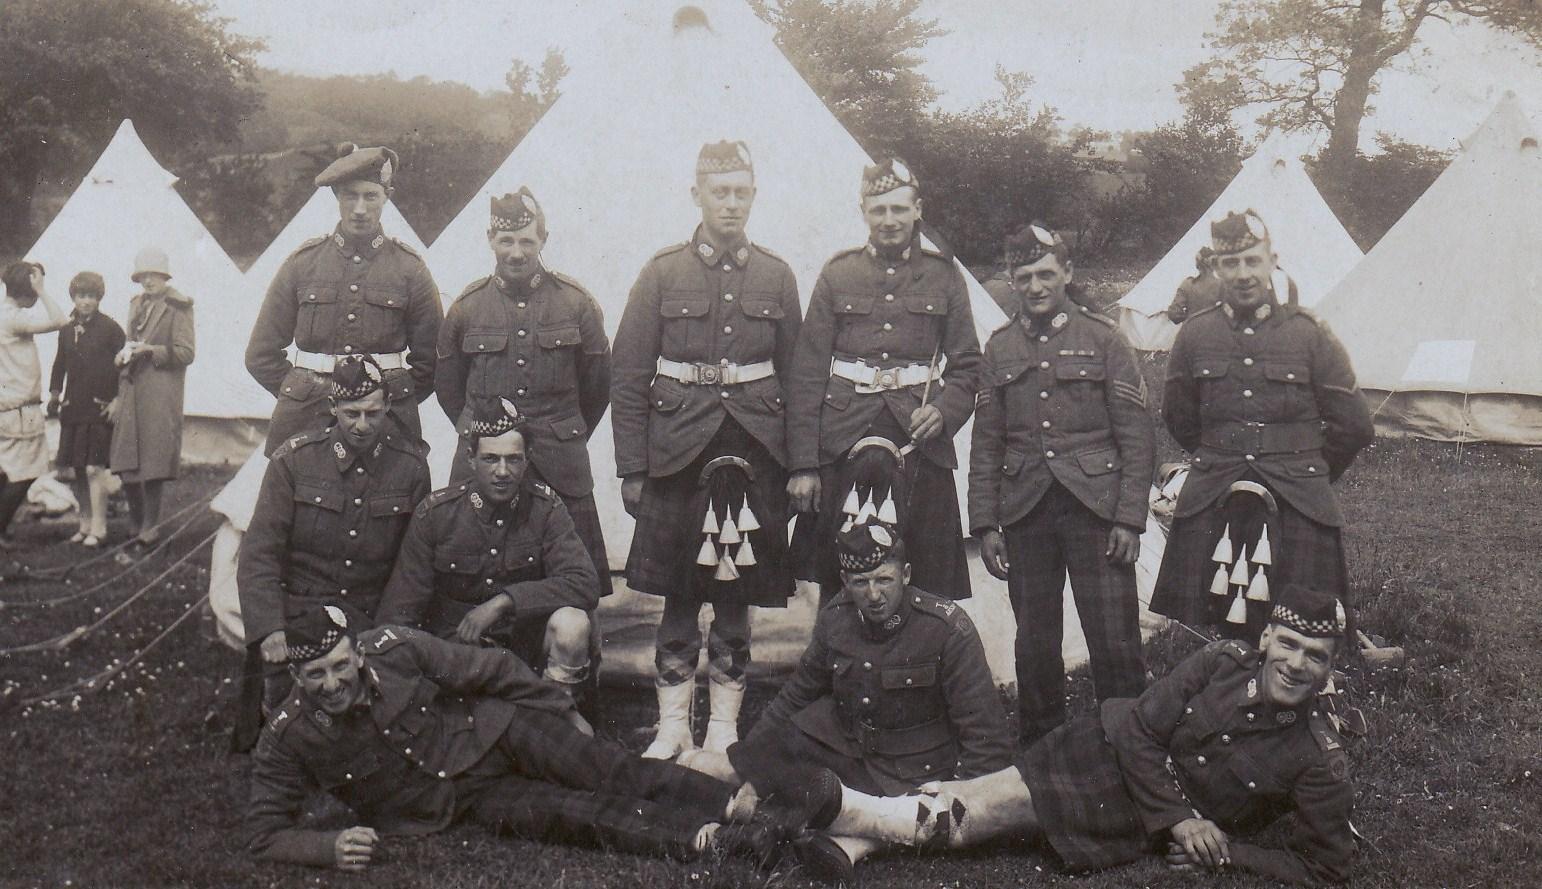 Argylls in Camp in World War 1